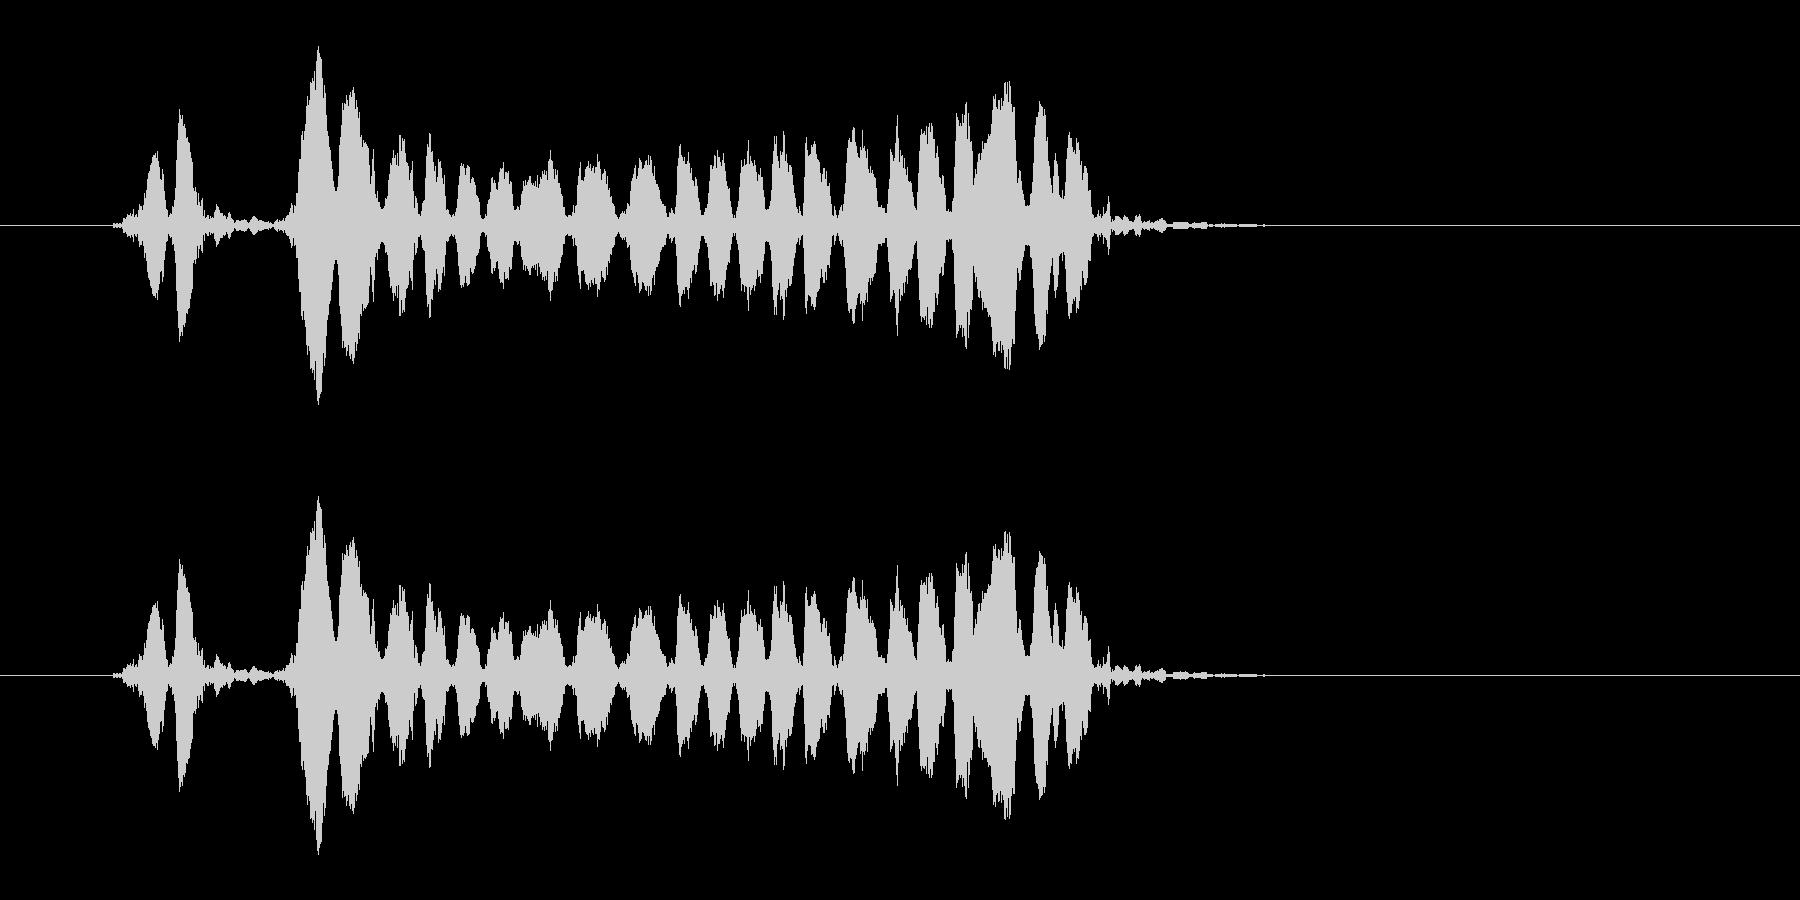 ホイッスルの音_05(ピピーッ!)の未再生の波形